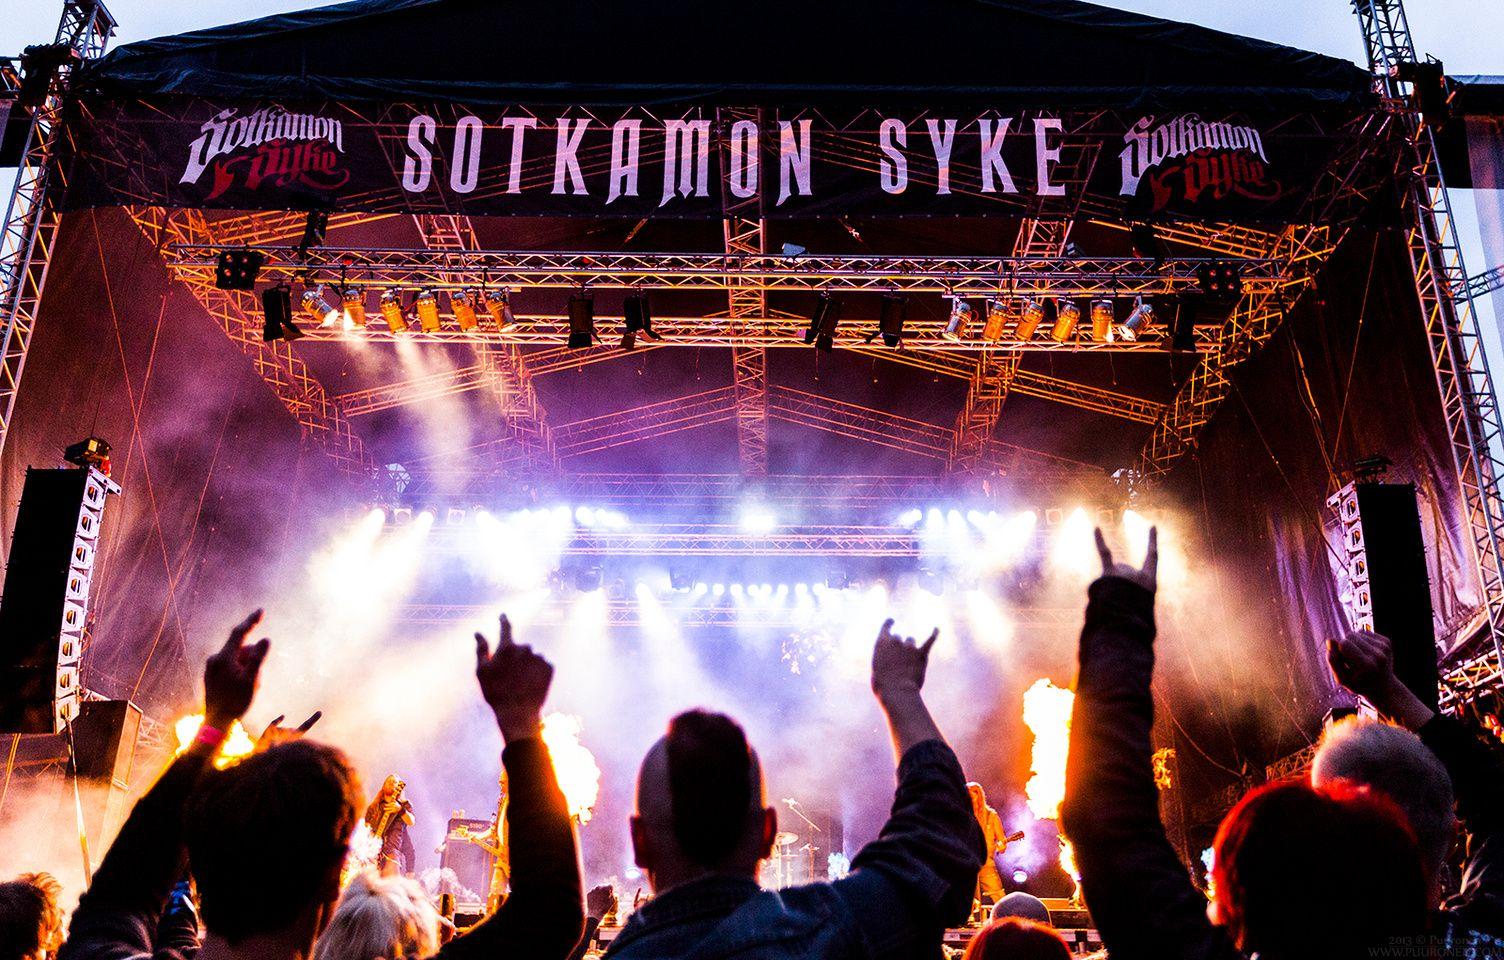 Amorphis, Sotkamon Syke 2013